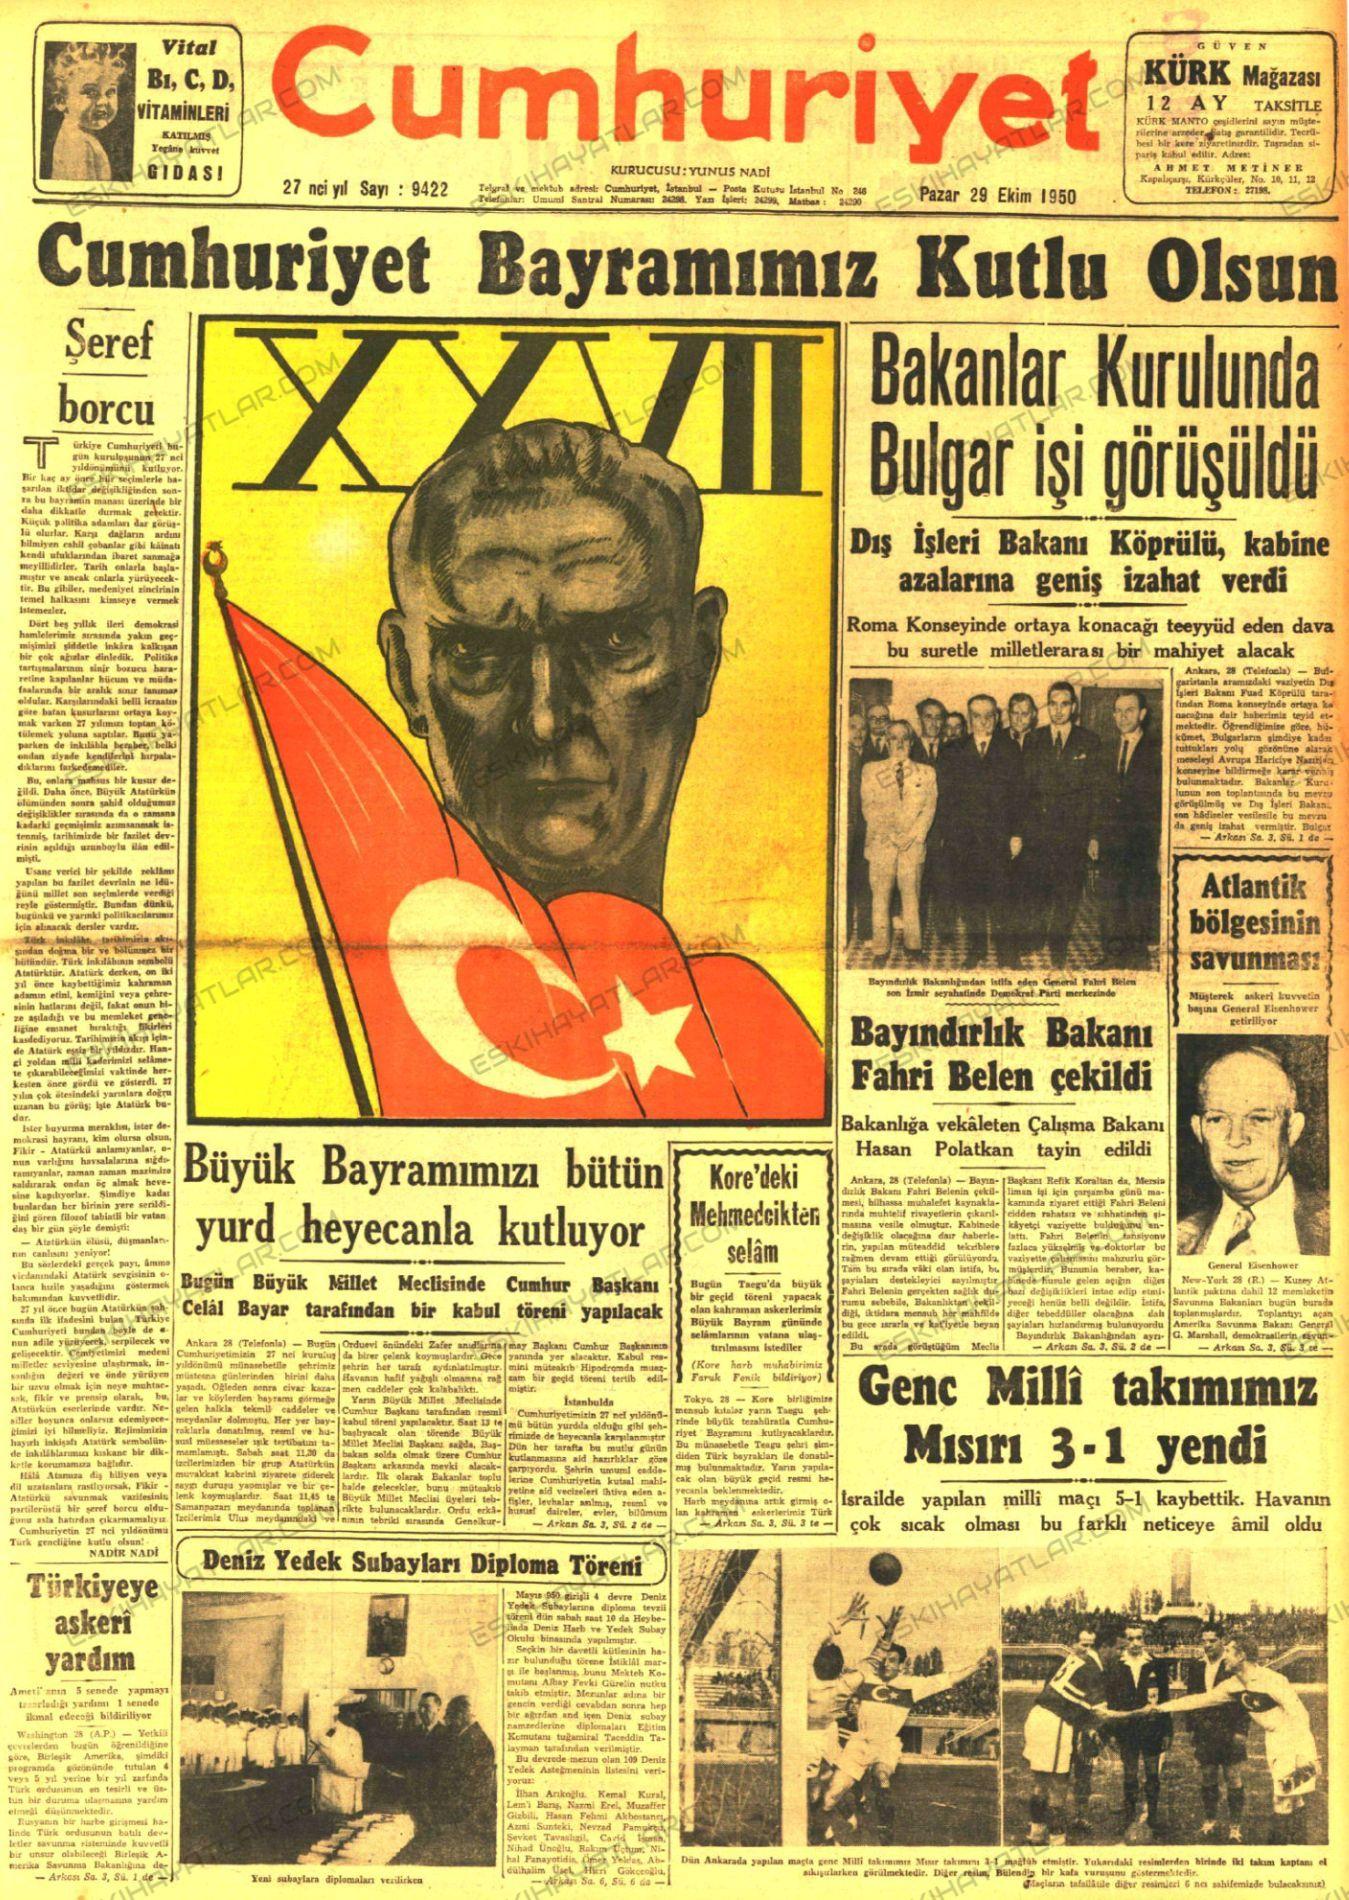 0423-cumhuriyet-bayrami-gazete-arsivi-1950